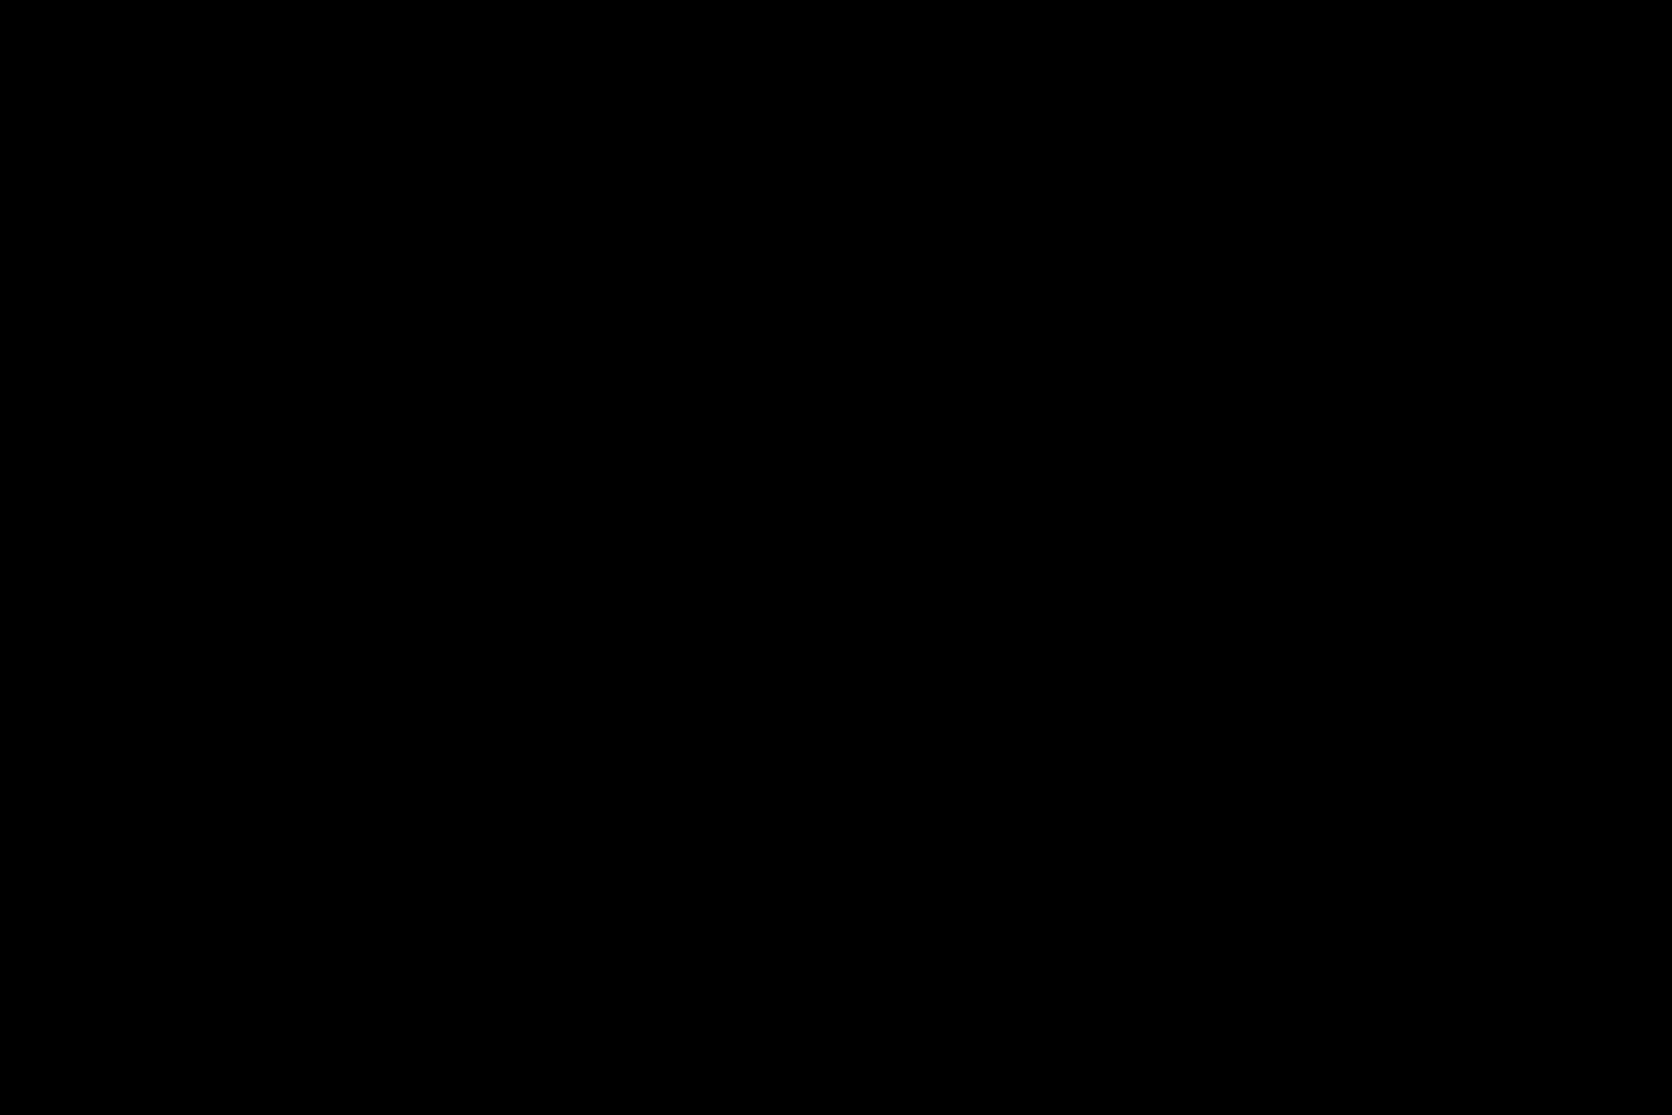 Ørgreen // A KALEIDOSCOPE OF COLOUR